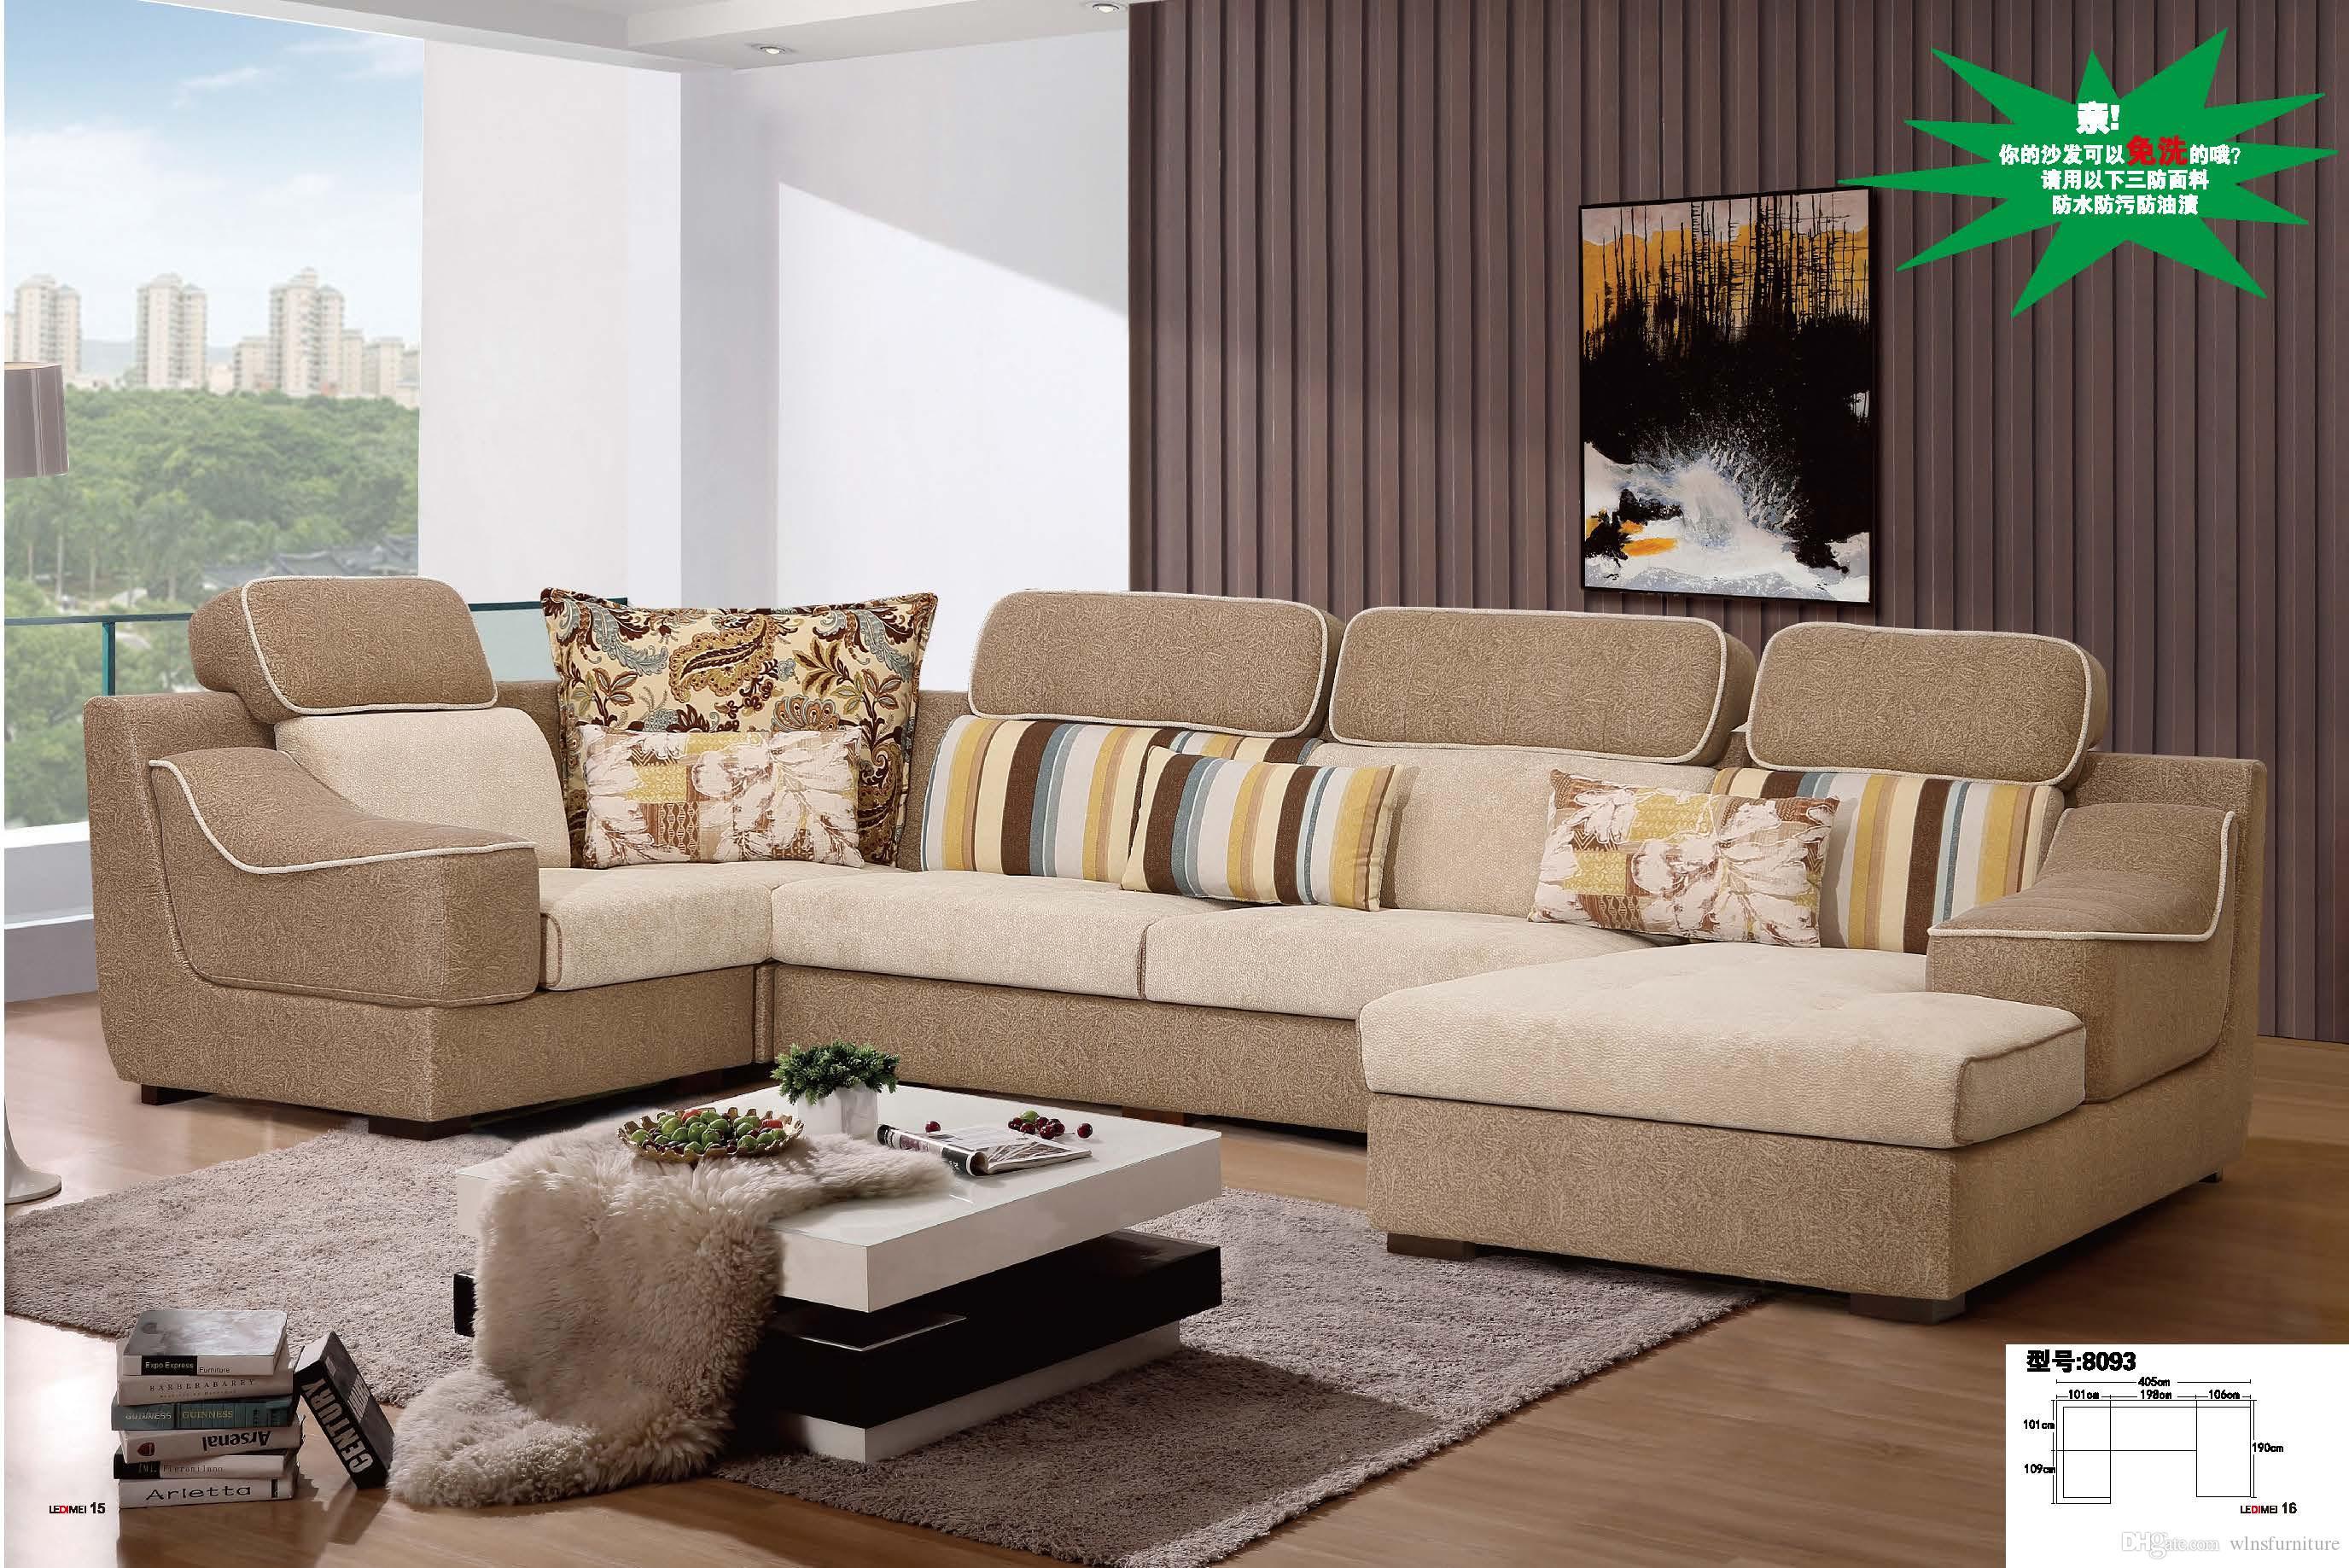 Compre forma de u sof de tela antibacterial c modo sof - Hacer cojines para sofa ...